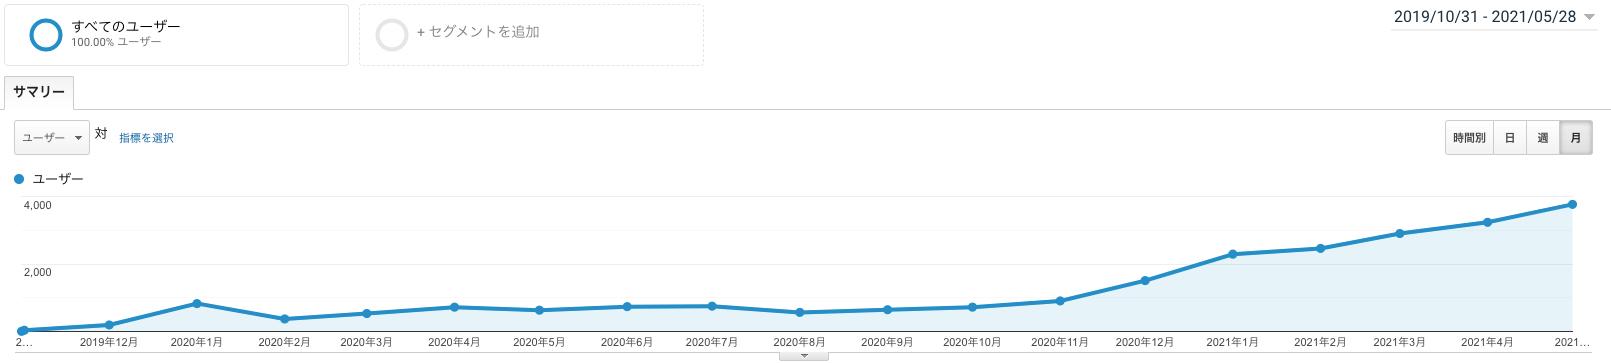 ユーザー数も右肩上がりに上昇